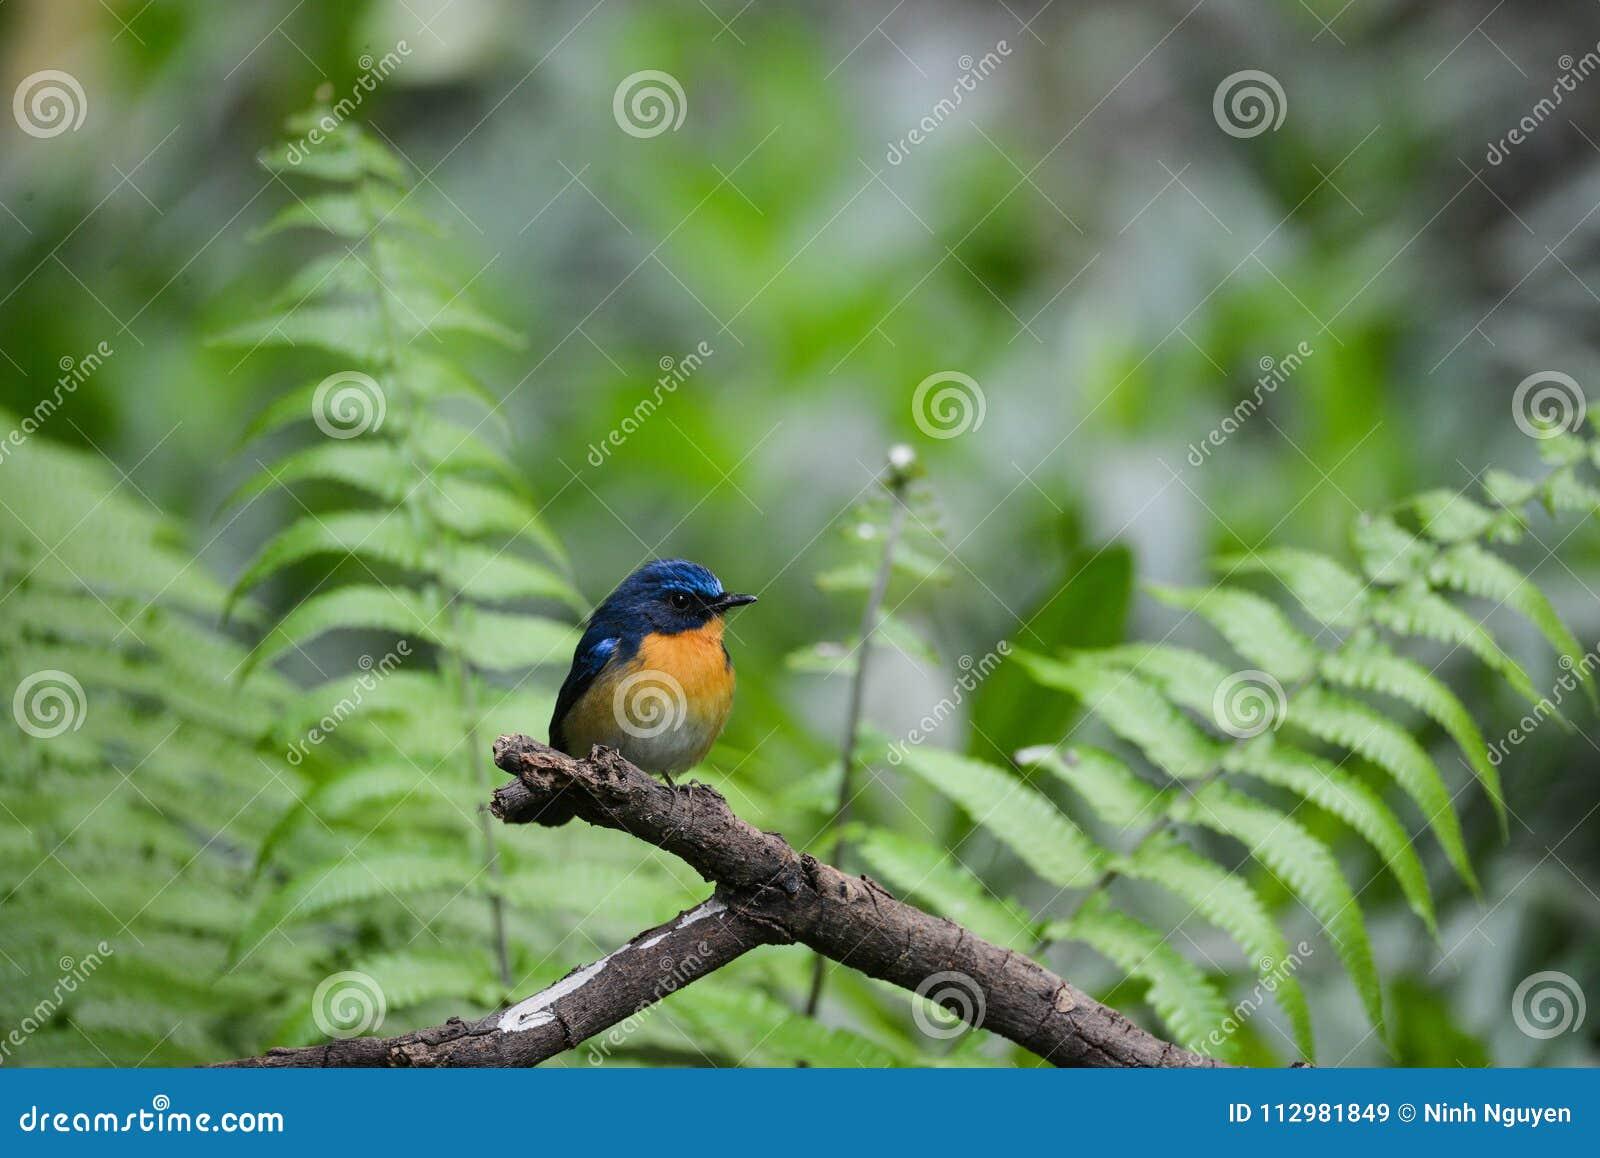 Hill Blue Flycatcher male, Wild bird in Vietnam